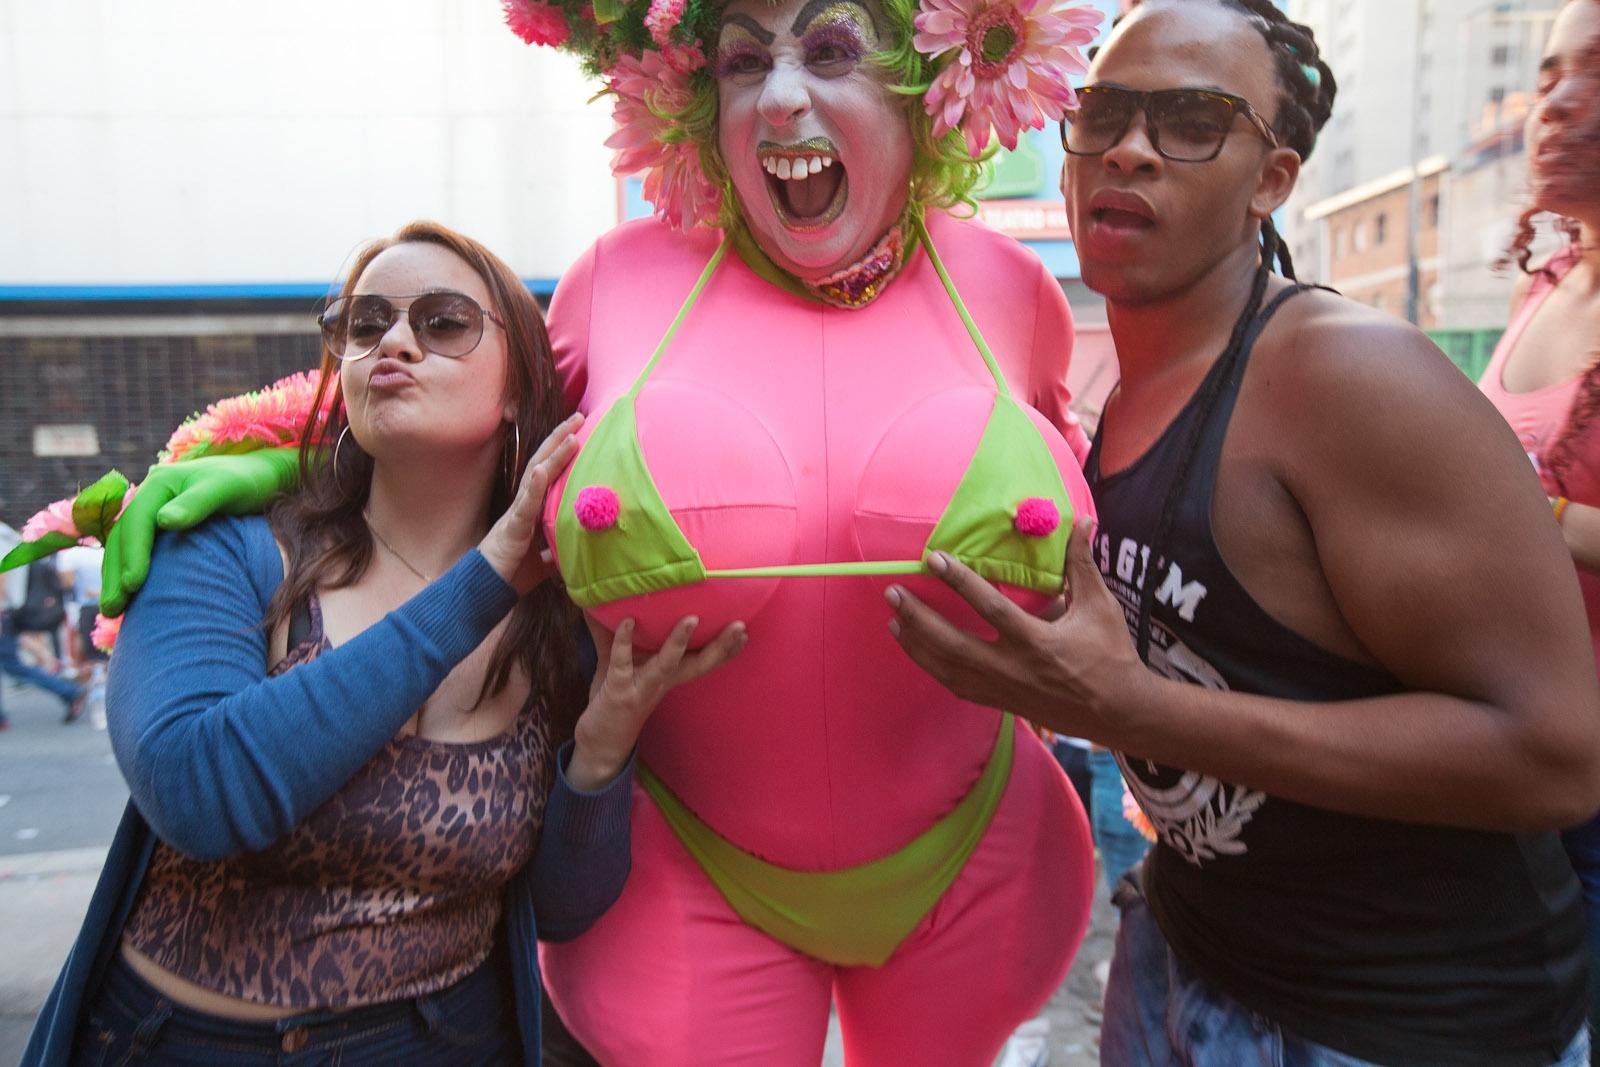 Parada Gay / Gay Parade